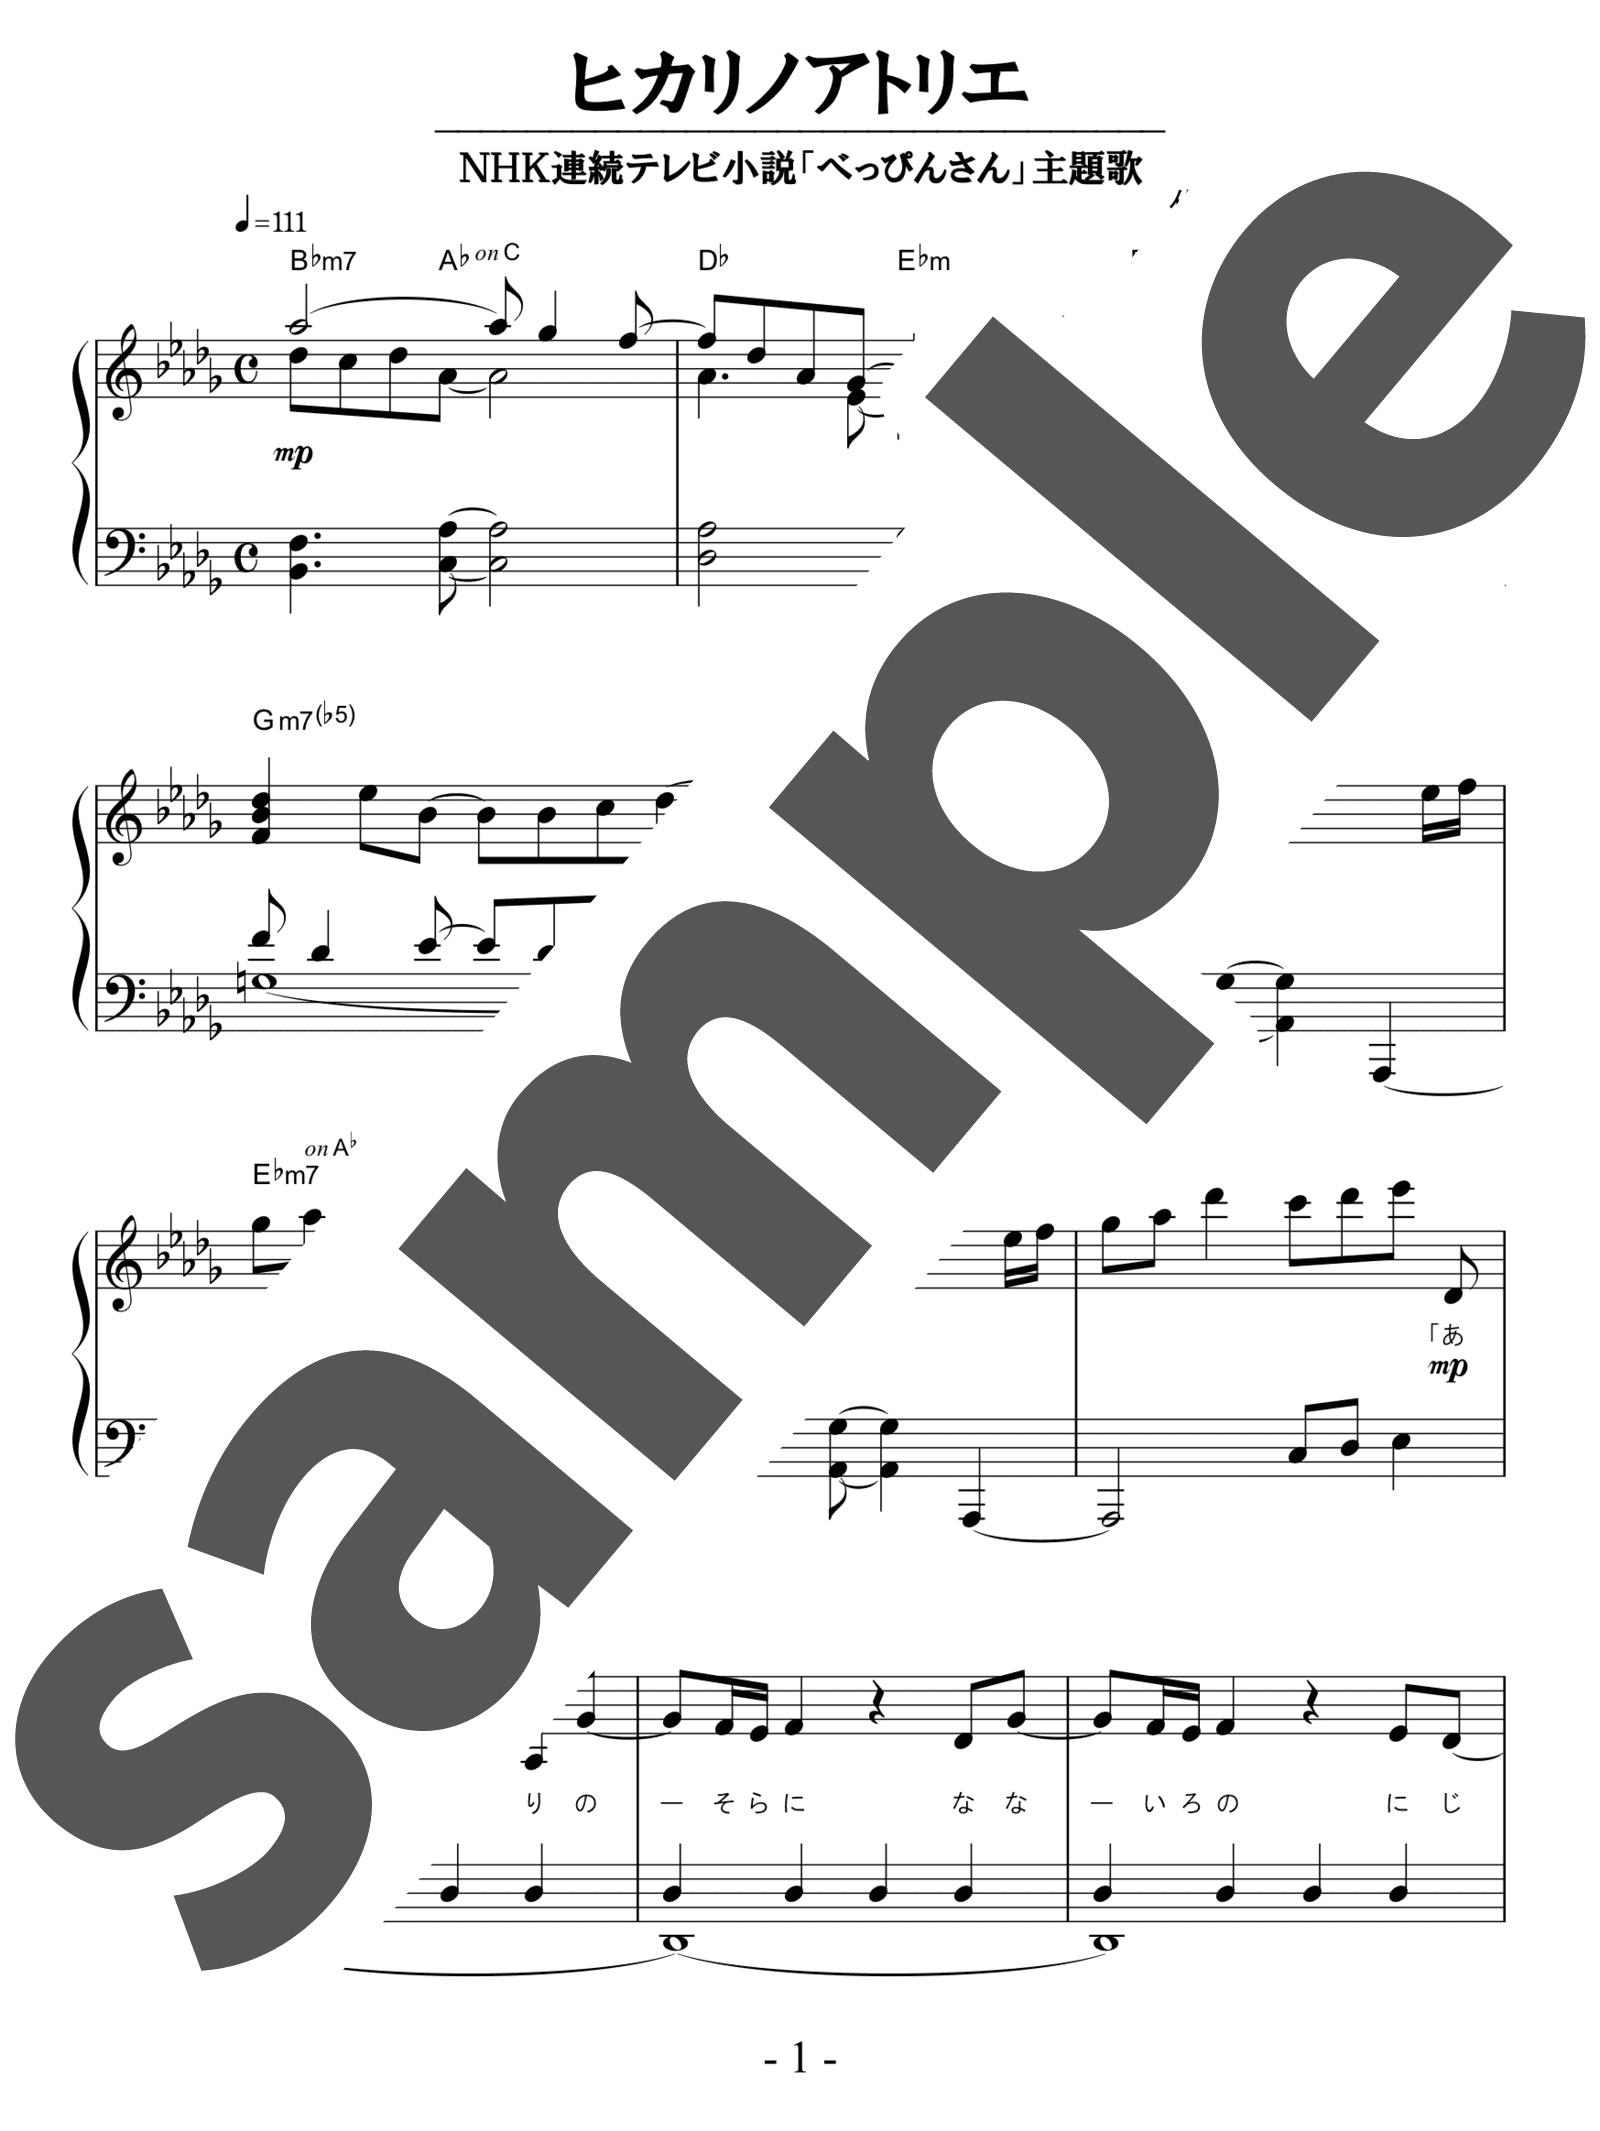 「ヒカリノアトリエ」のサンプル楽譜